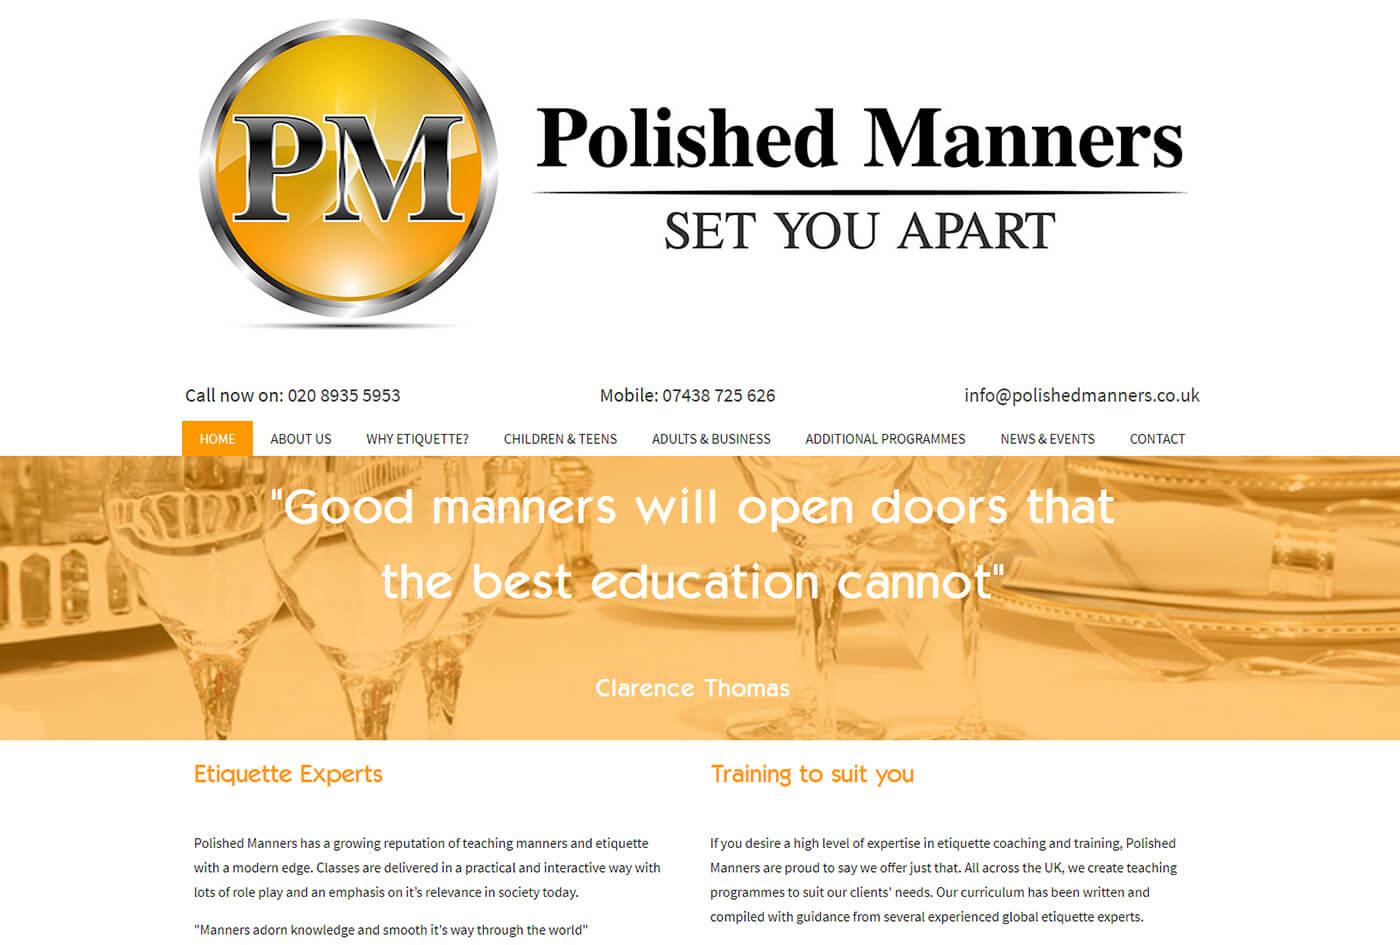 polishedmanners